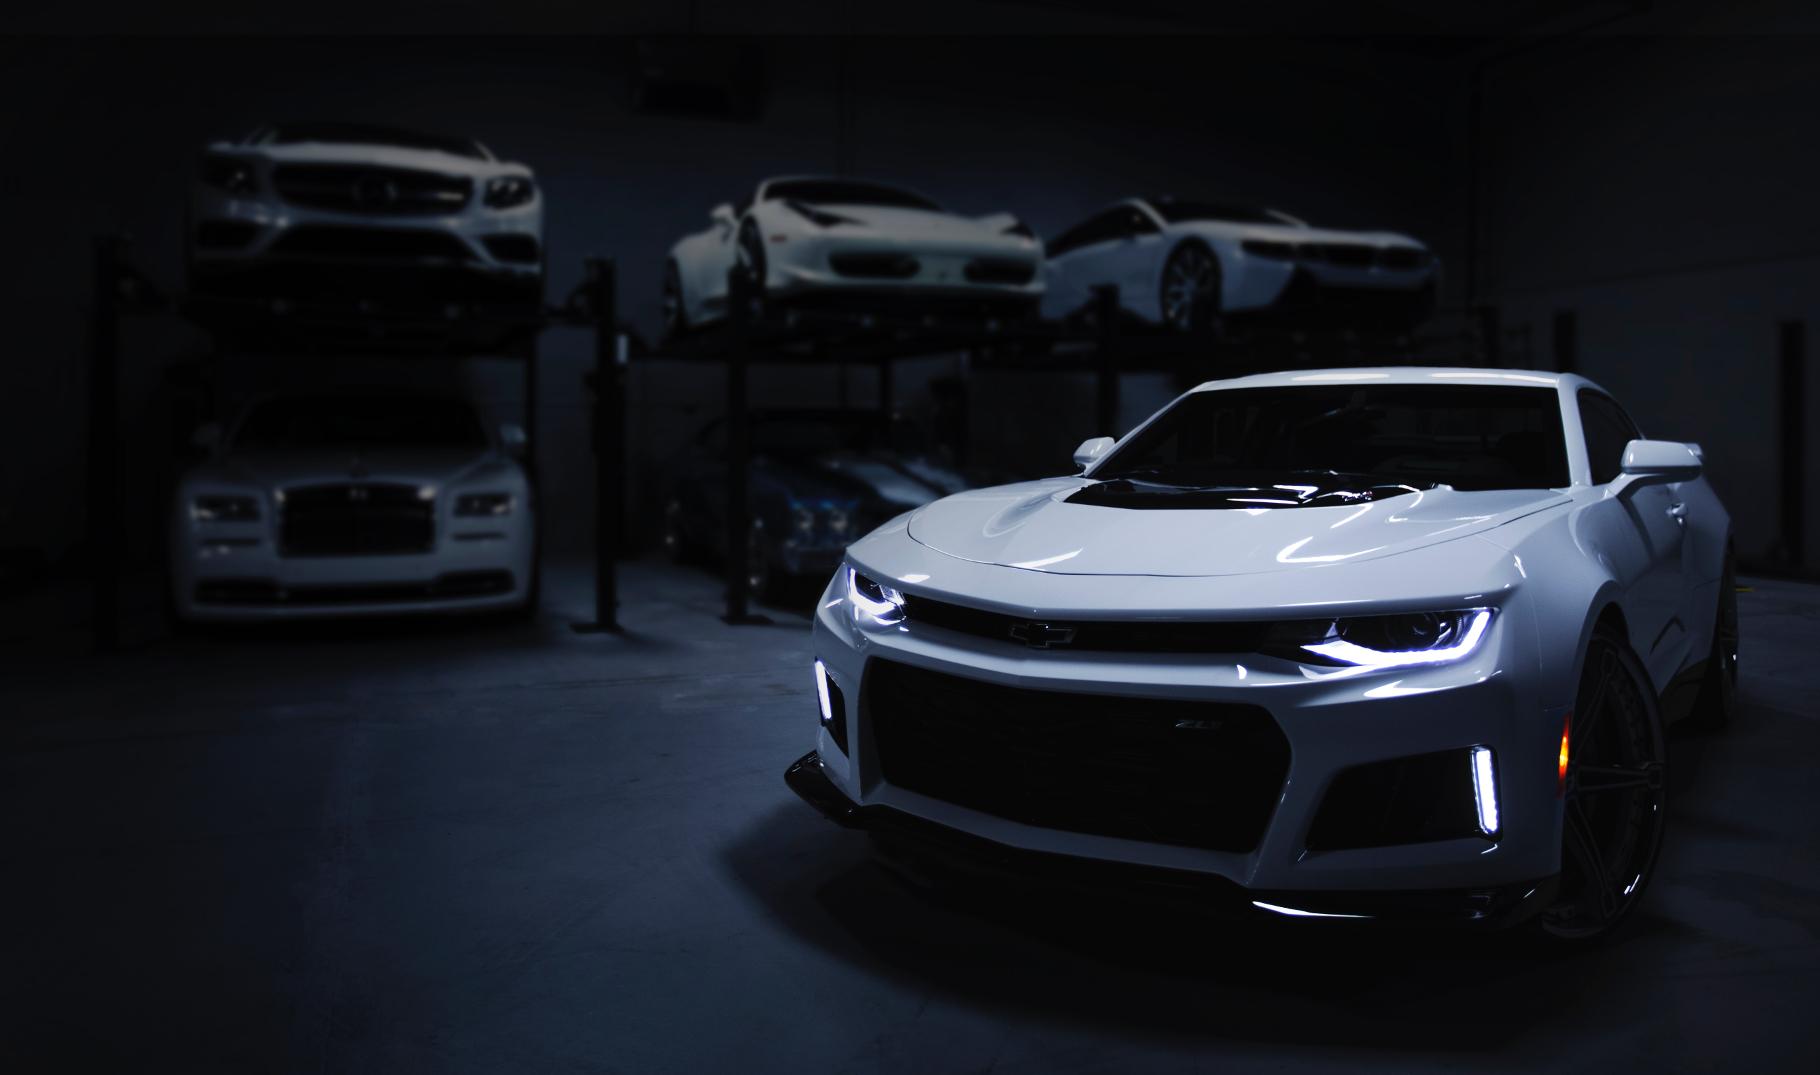 Ein weißes Sportauto steht vor einem dunklen Hintergrund